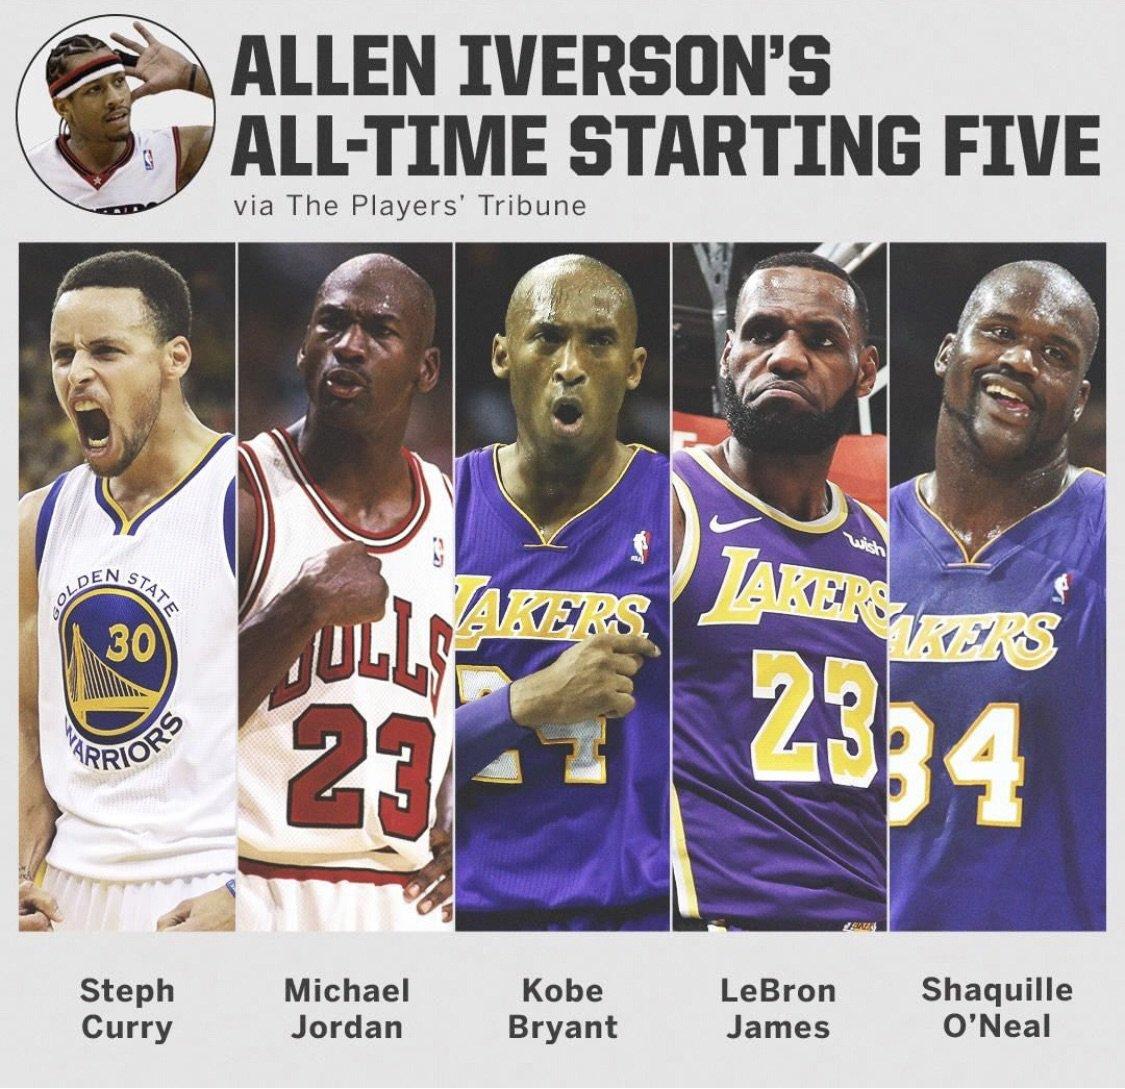 Allen Iverson on Twitter